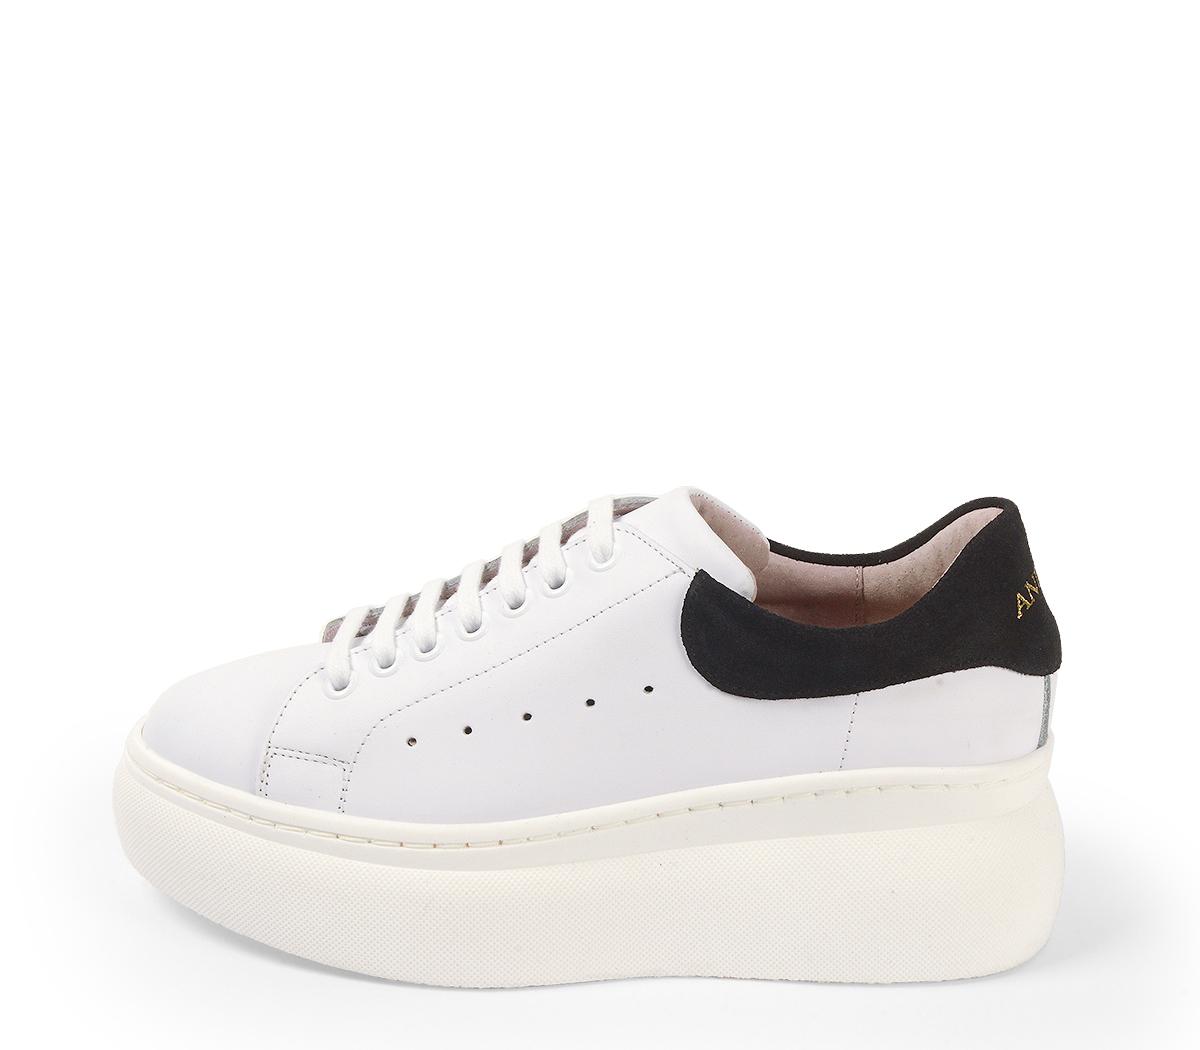 Ref. 4226 Sneaker piel blanca con detalle trasero en serraje negro. Altura plataforma trasera 6 cm y plataforma delantera 4 cm.